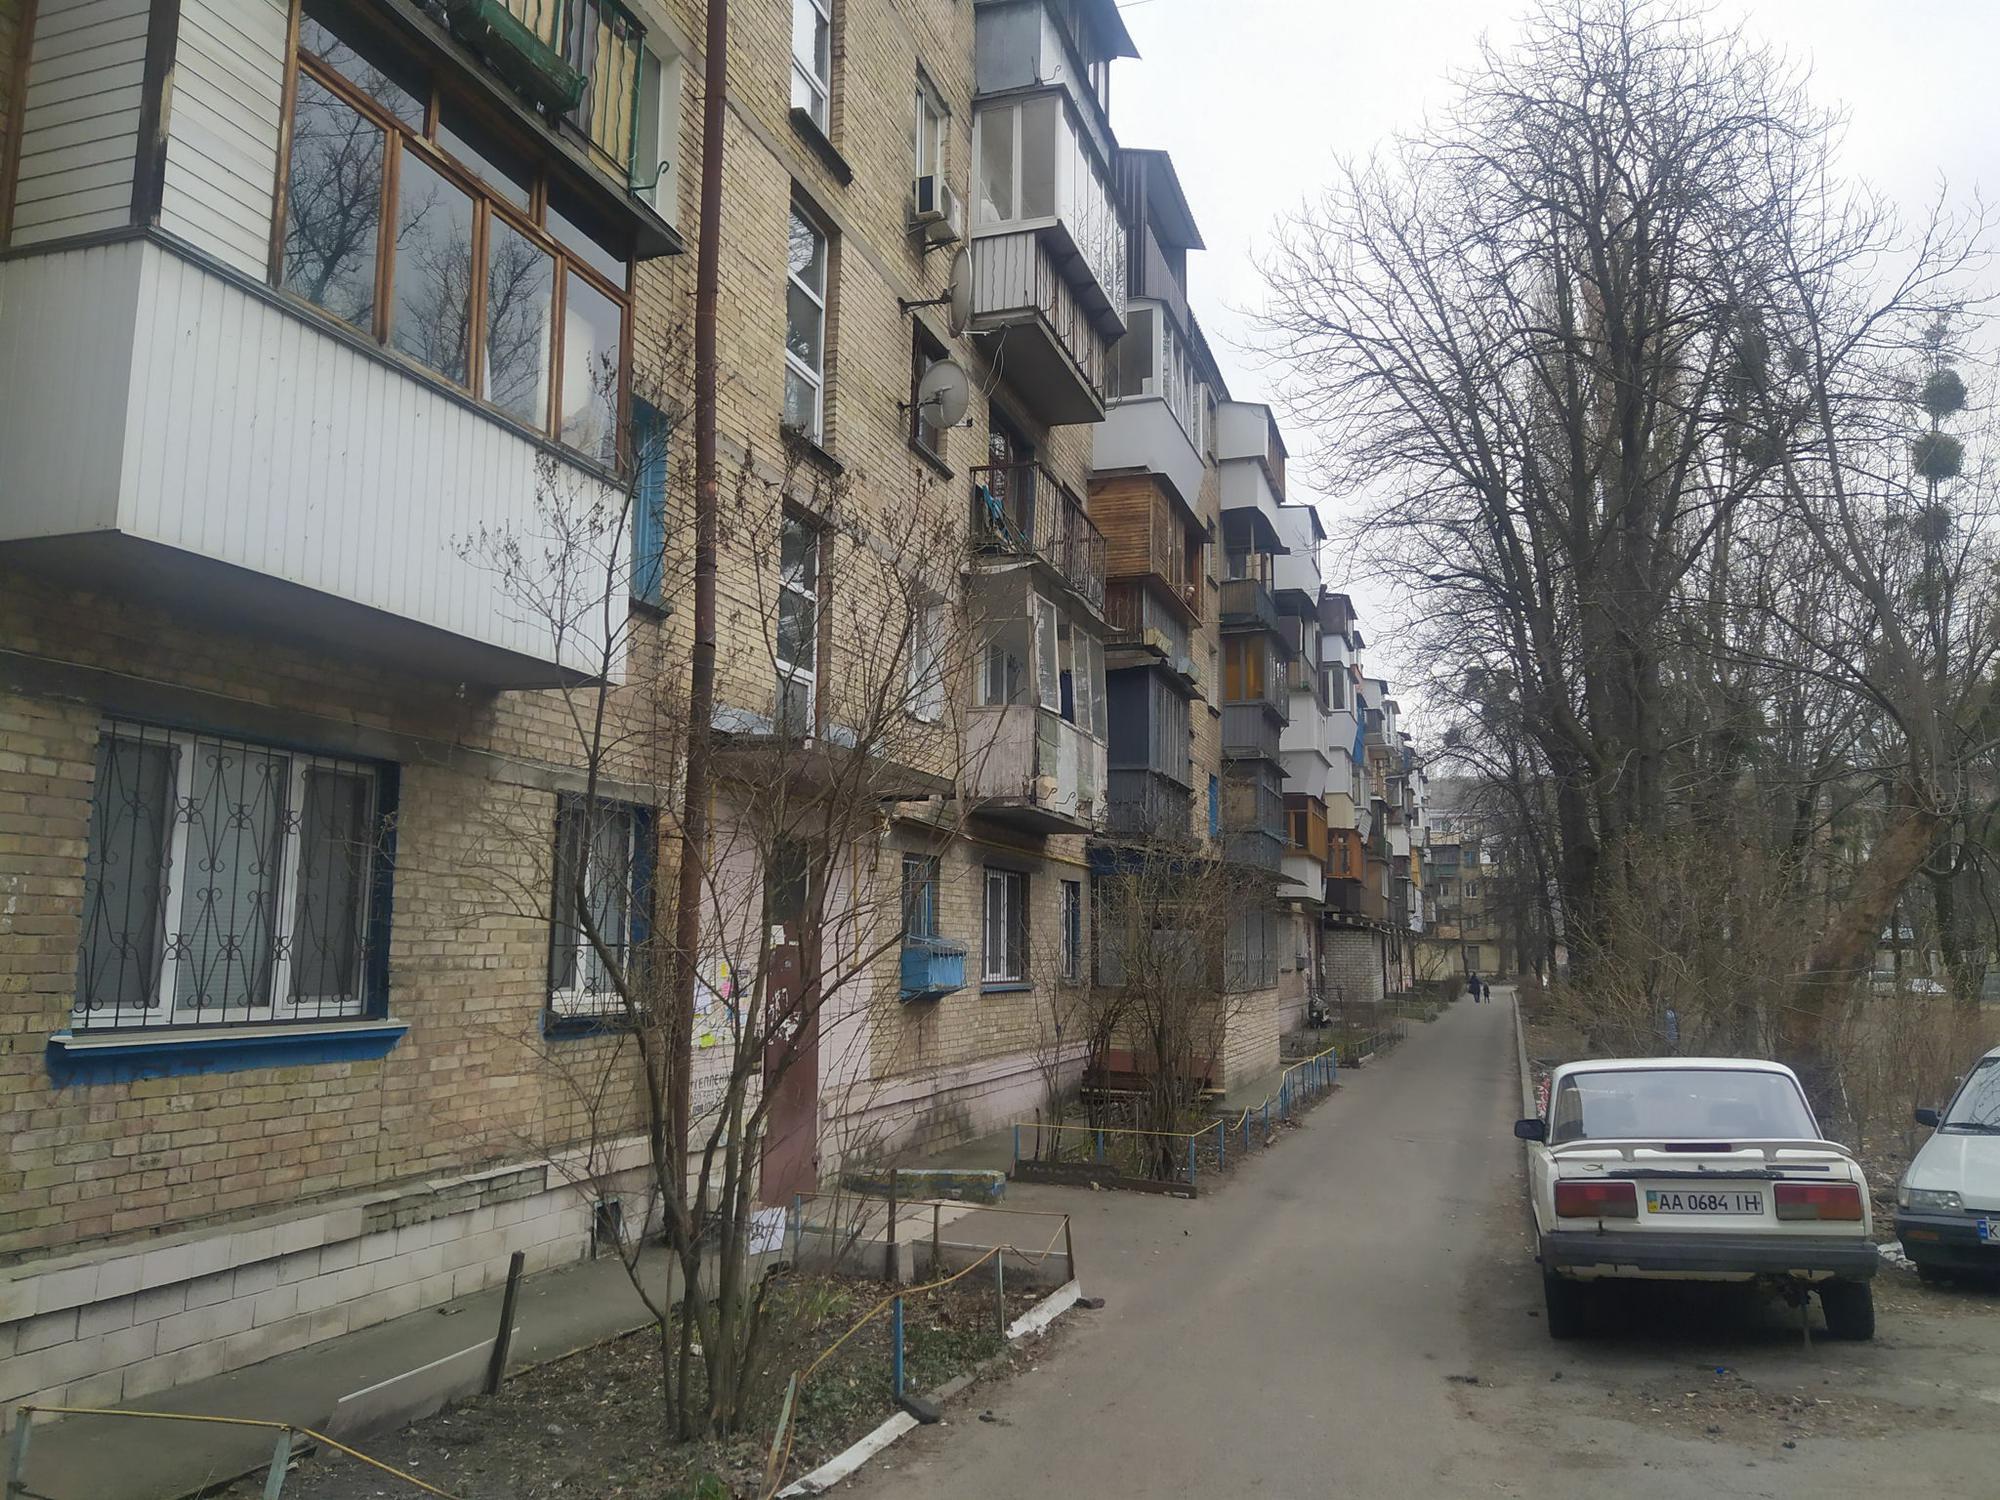 Сдам долгосрочно 2 к, г. Киев                               в р-не Отрадный                                 фото